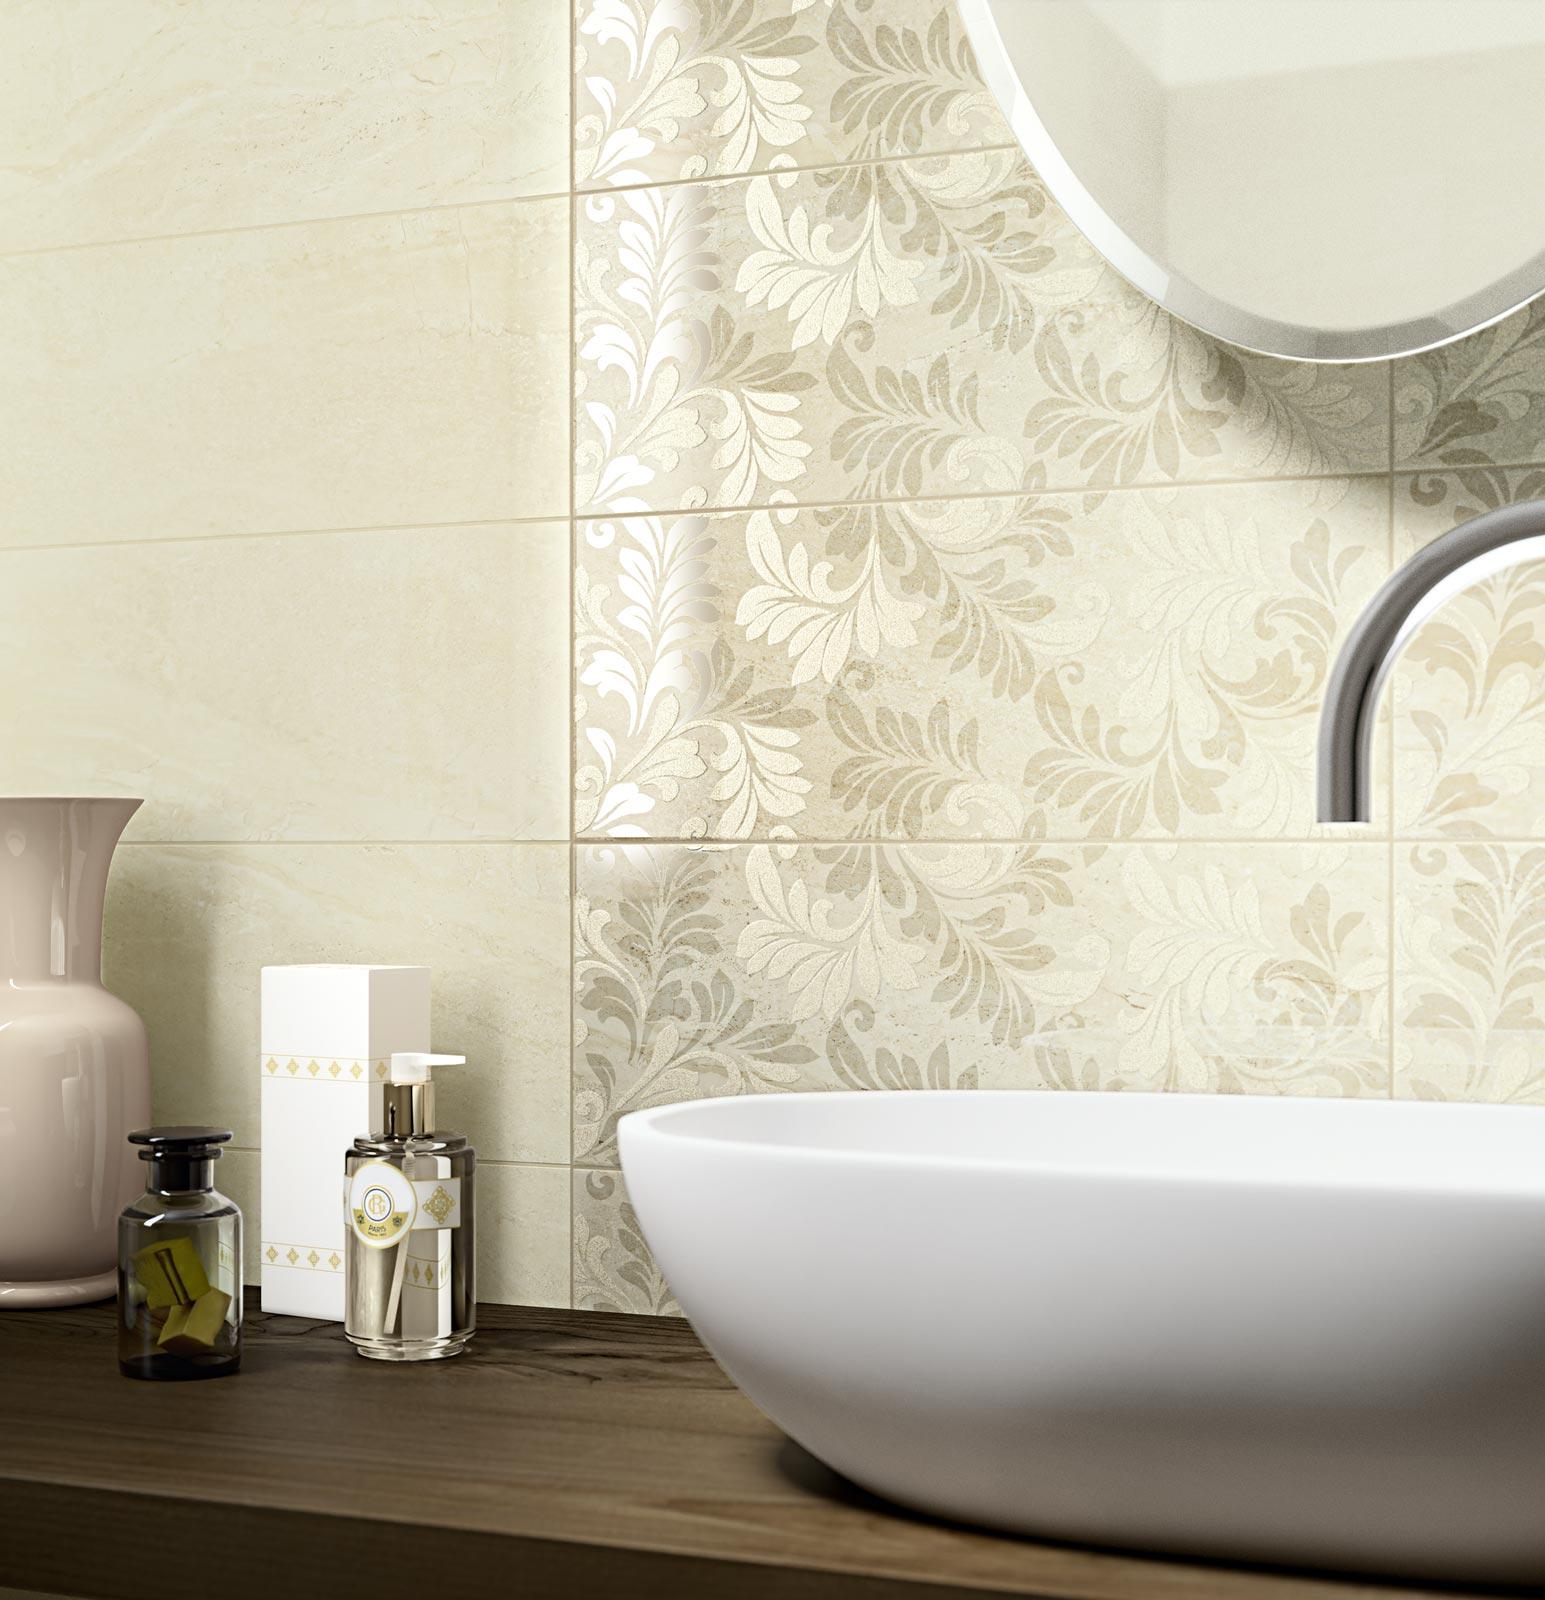 Collezione grace piastrelle in ceramica per il tuo bagno - Ragno rivestimenti bagno ...